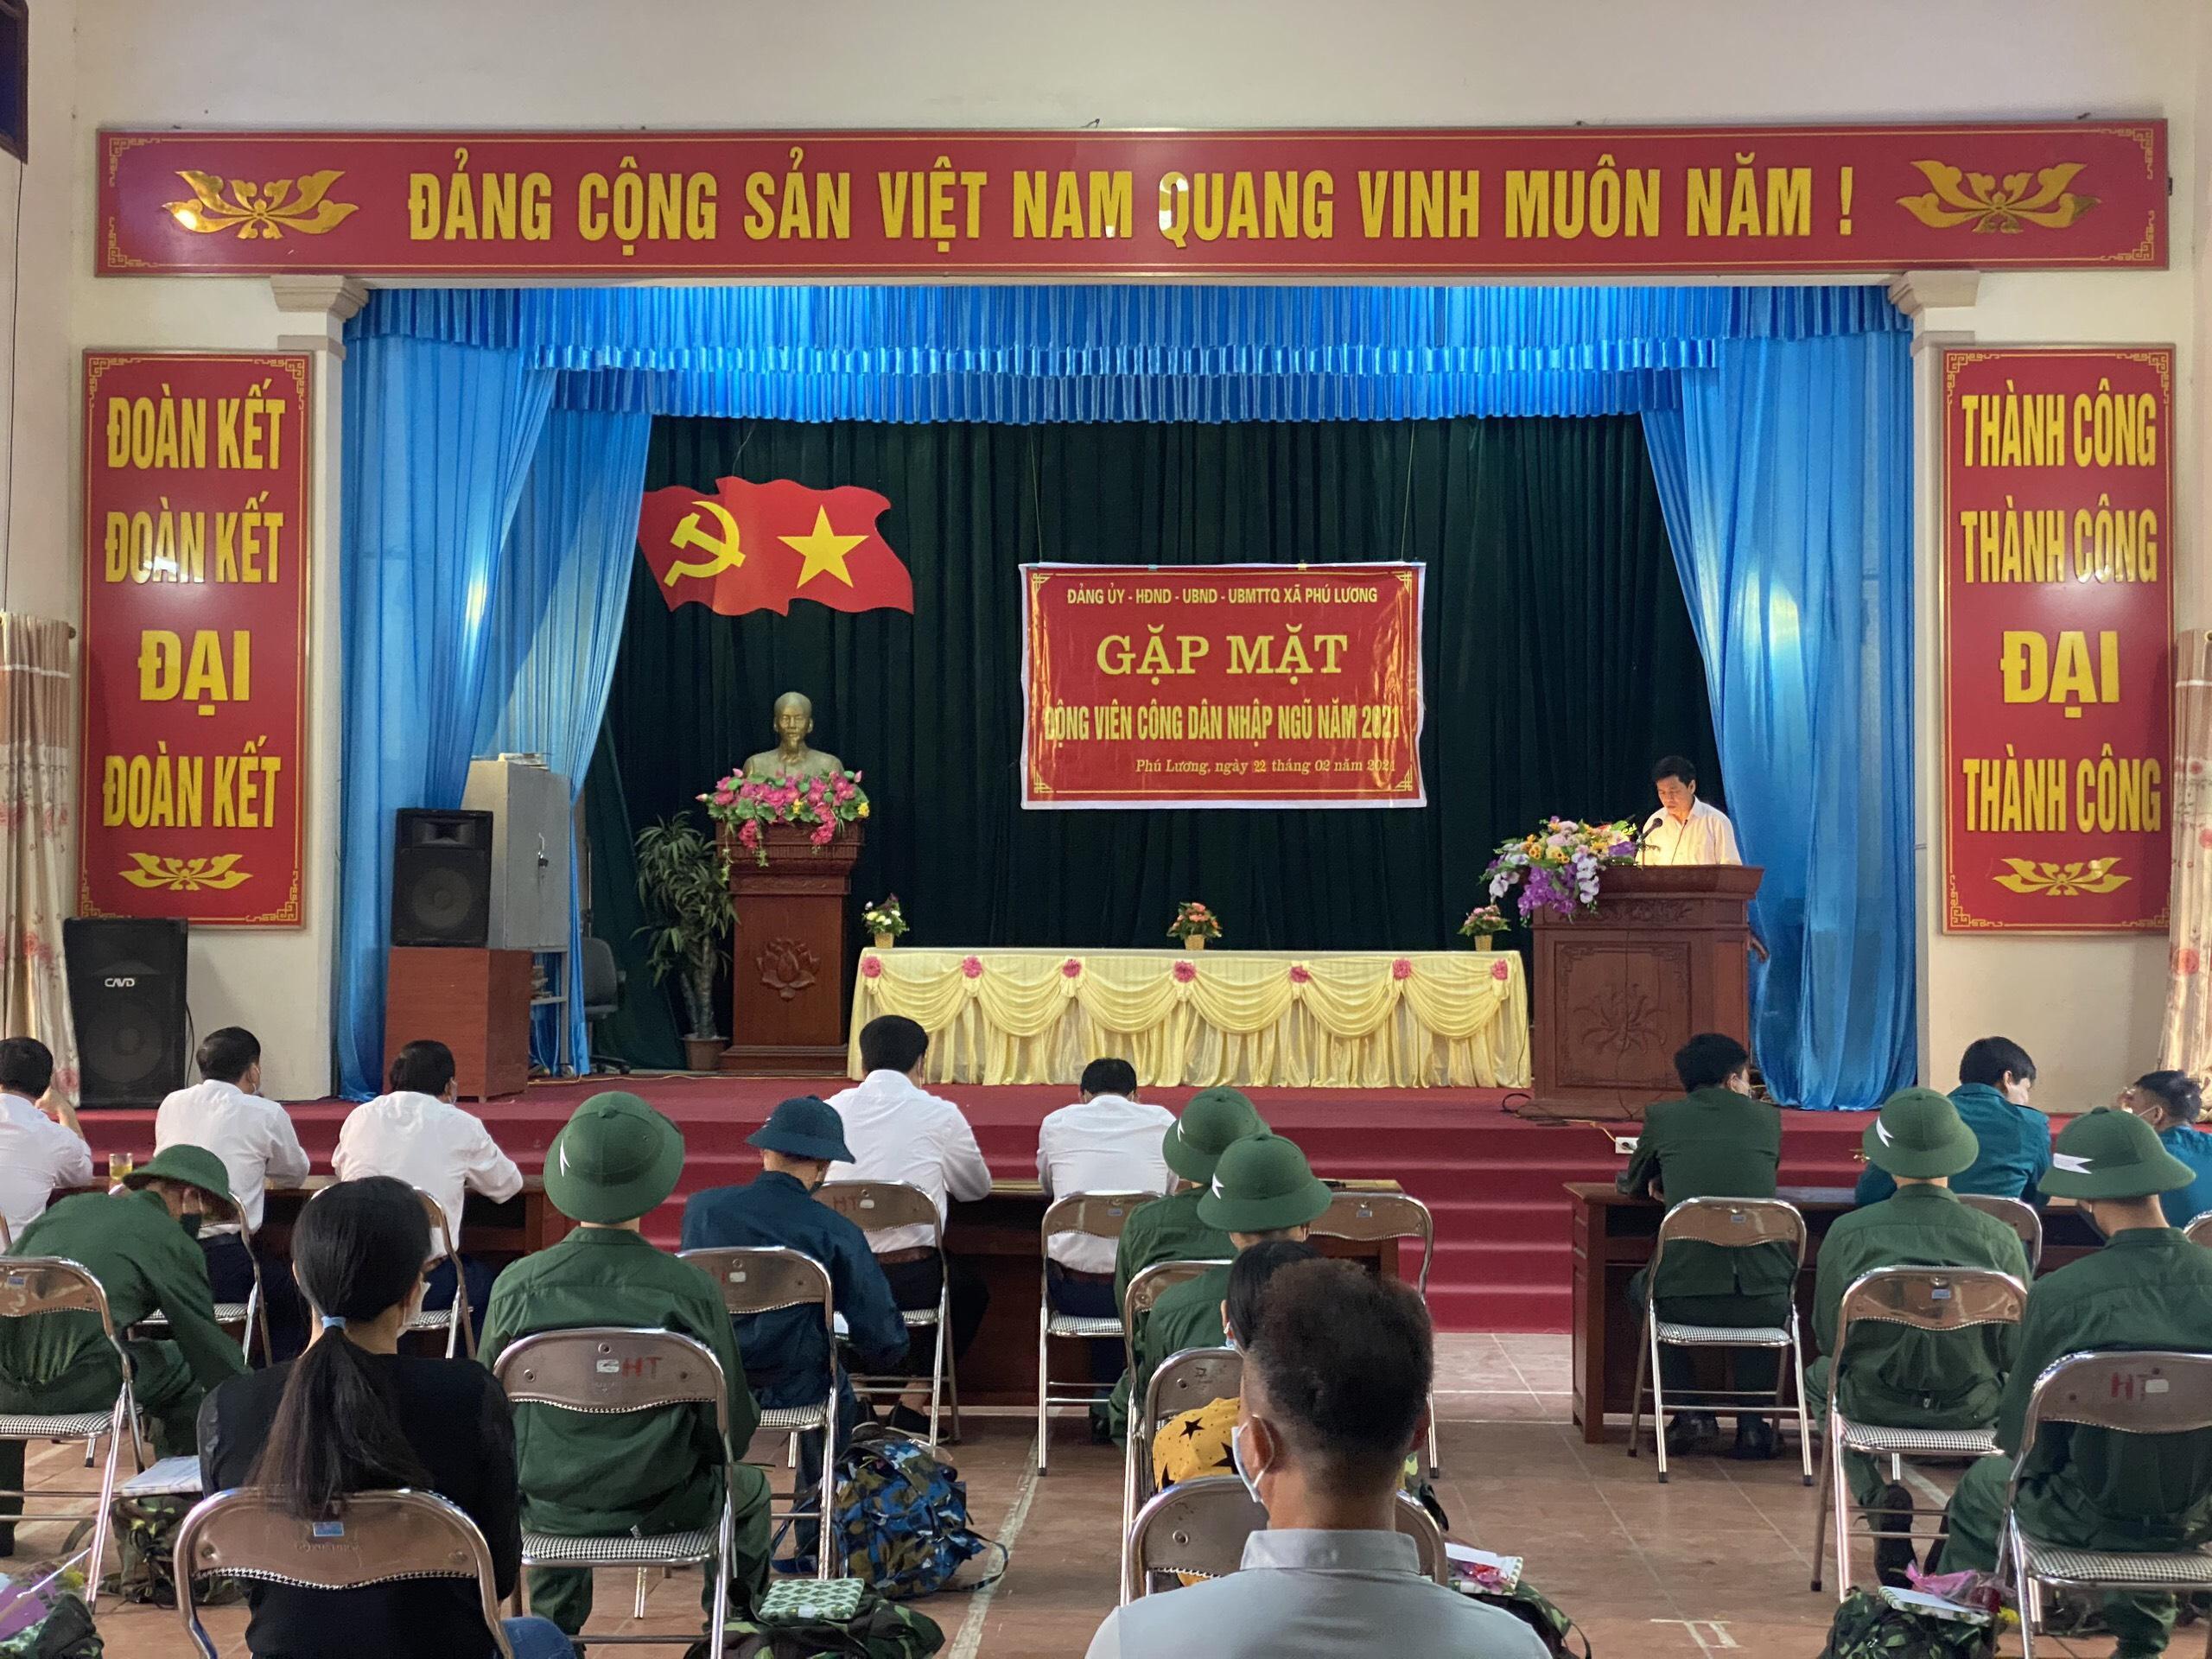 Đồng chí Vũ Văn Tiệp - PBT Đảng ủy, Chủ tịch UBND xã, Chủ tịch HĐ NVQS xã phát biểu tại hội nghị.